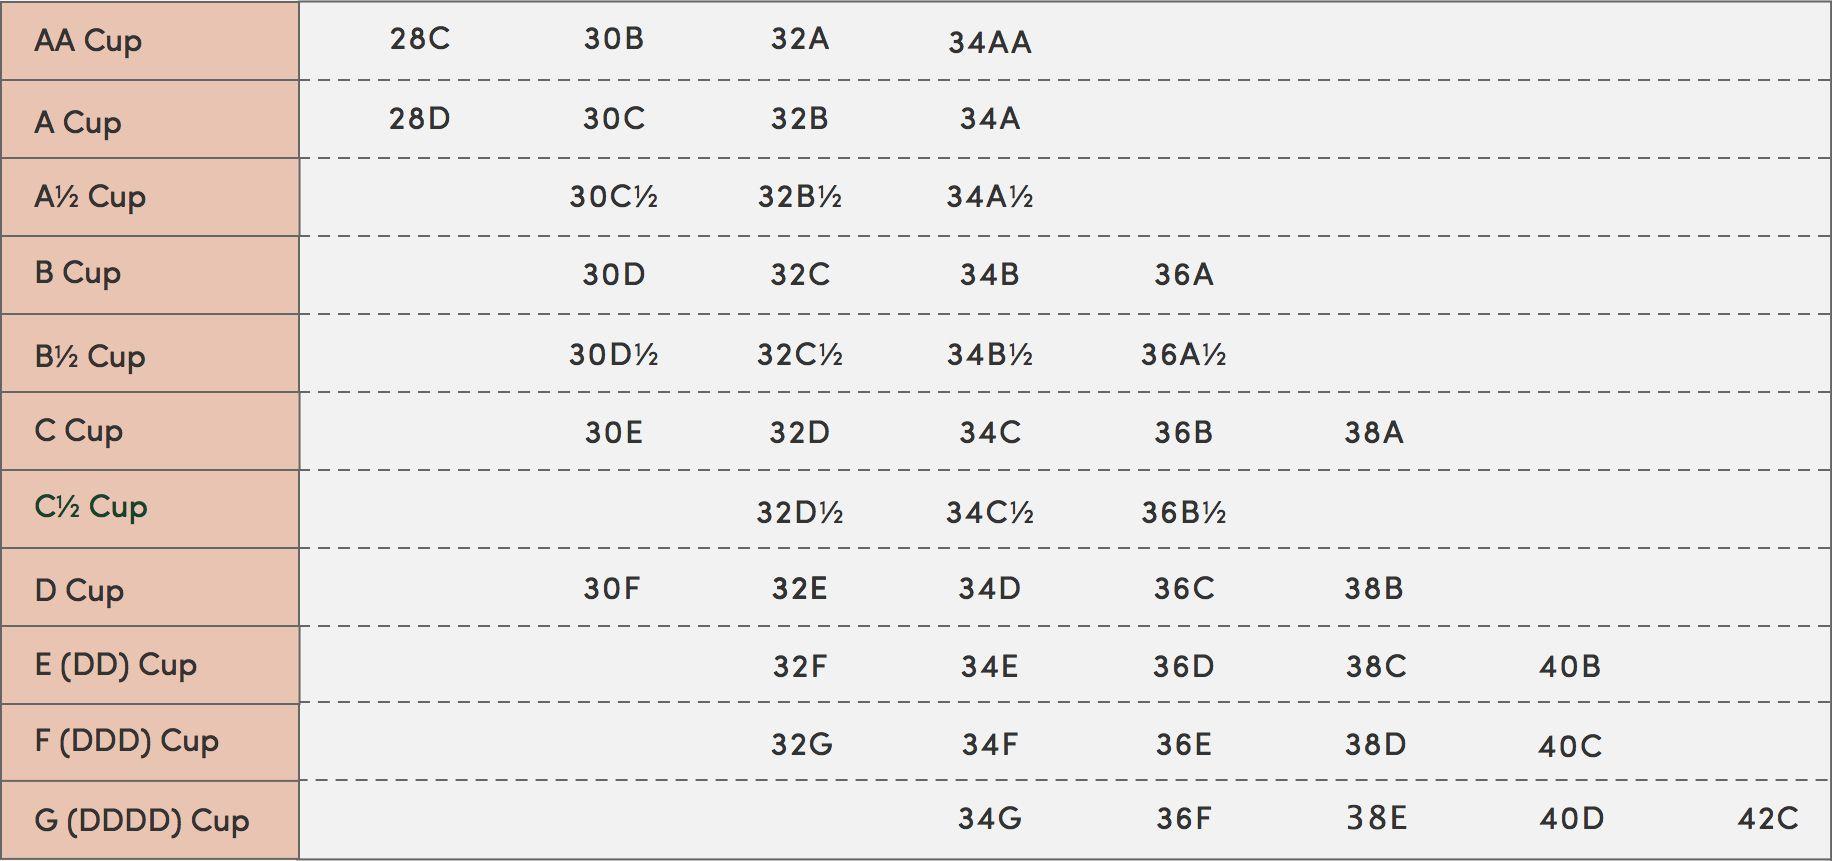 Bra Size Chart Thirdlove Bra Size Charts Thirdlove Bra Sizes